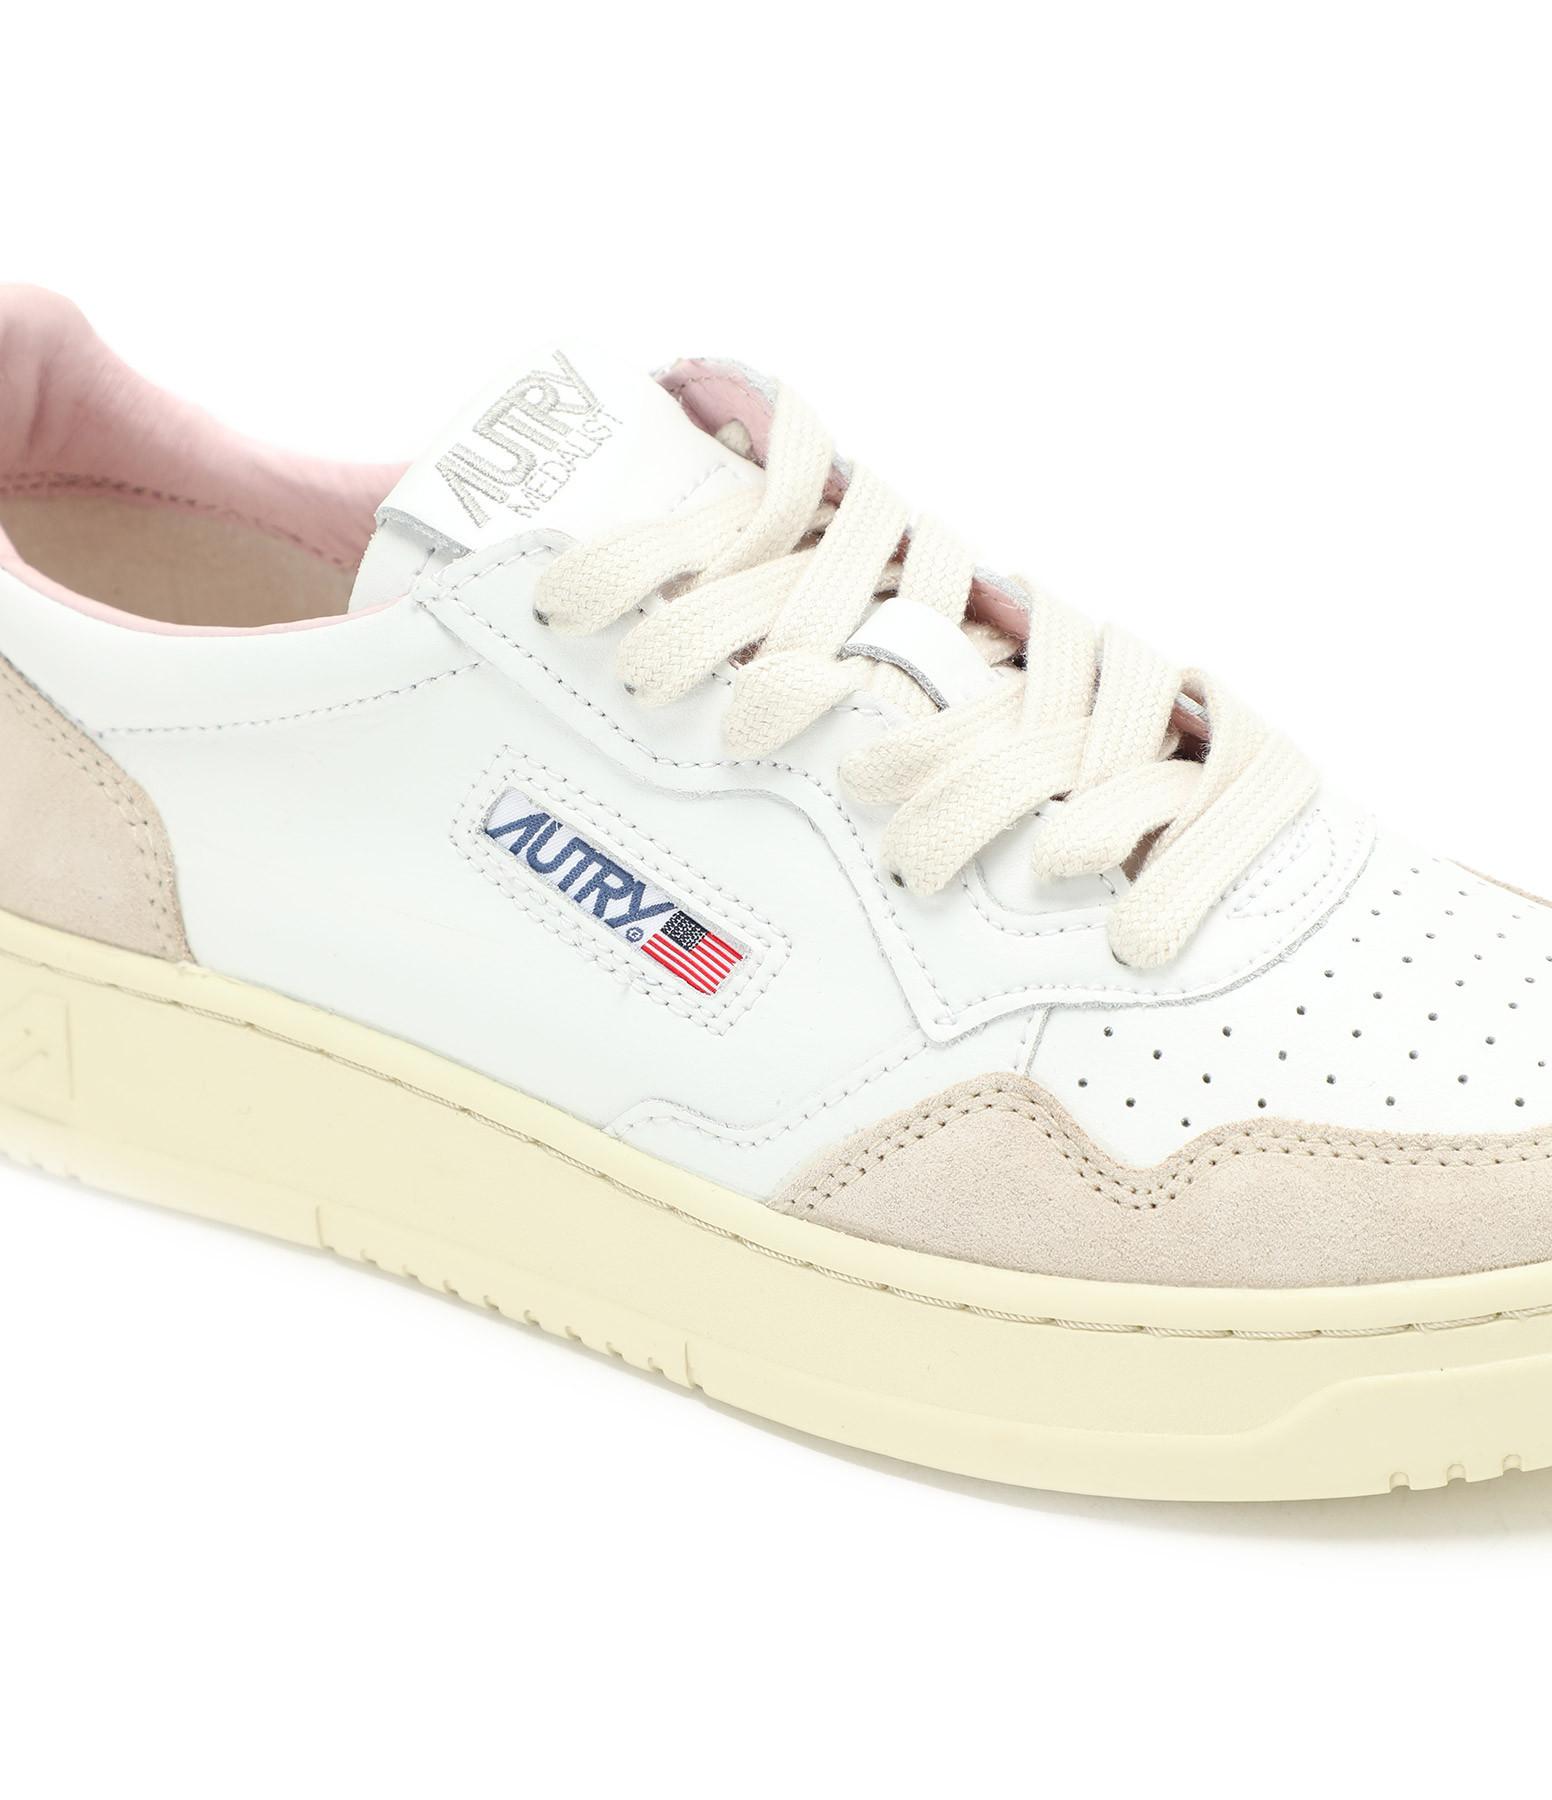 AUTRY - Baskets 01 Low Cuir Suédé Blanc Rose